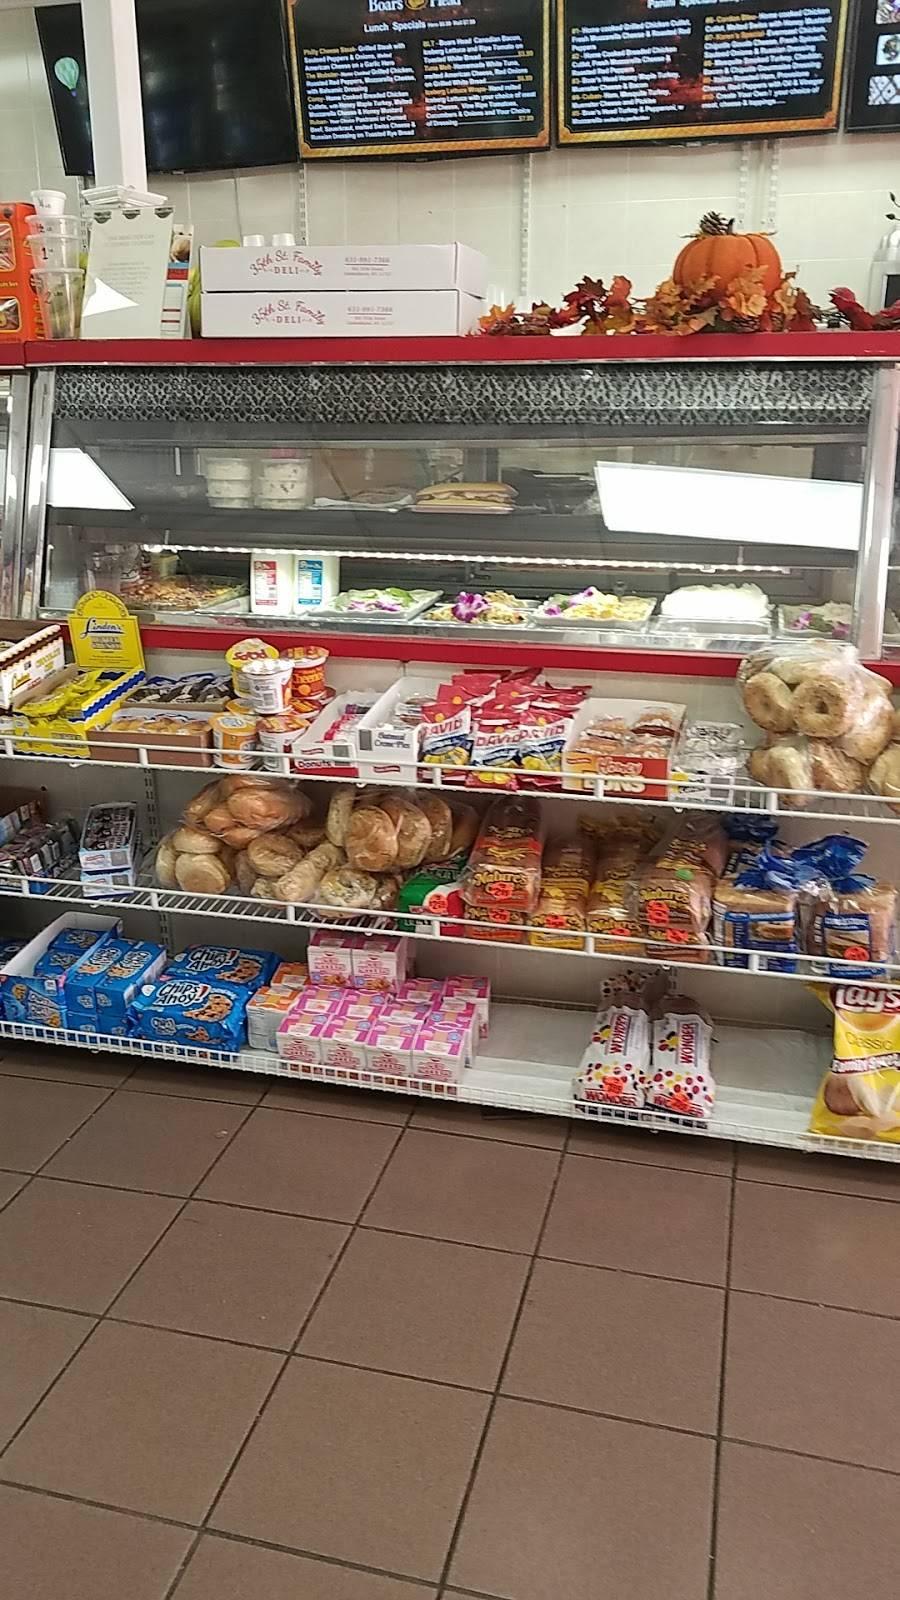 35th Street Family Deli Inc | cafe | 302 35th St, Lindenhurst, NY 11757, USA | 6319917366 OR +1 631-991-7366